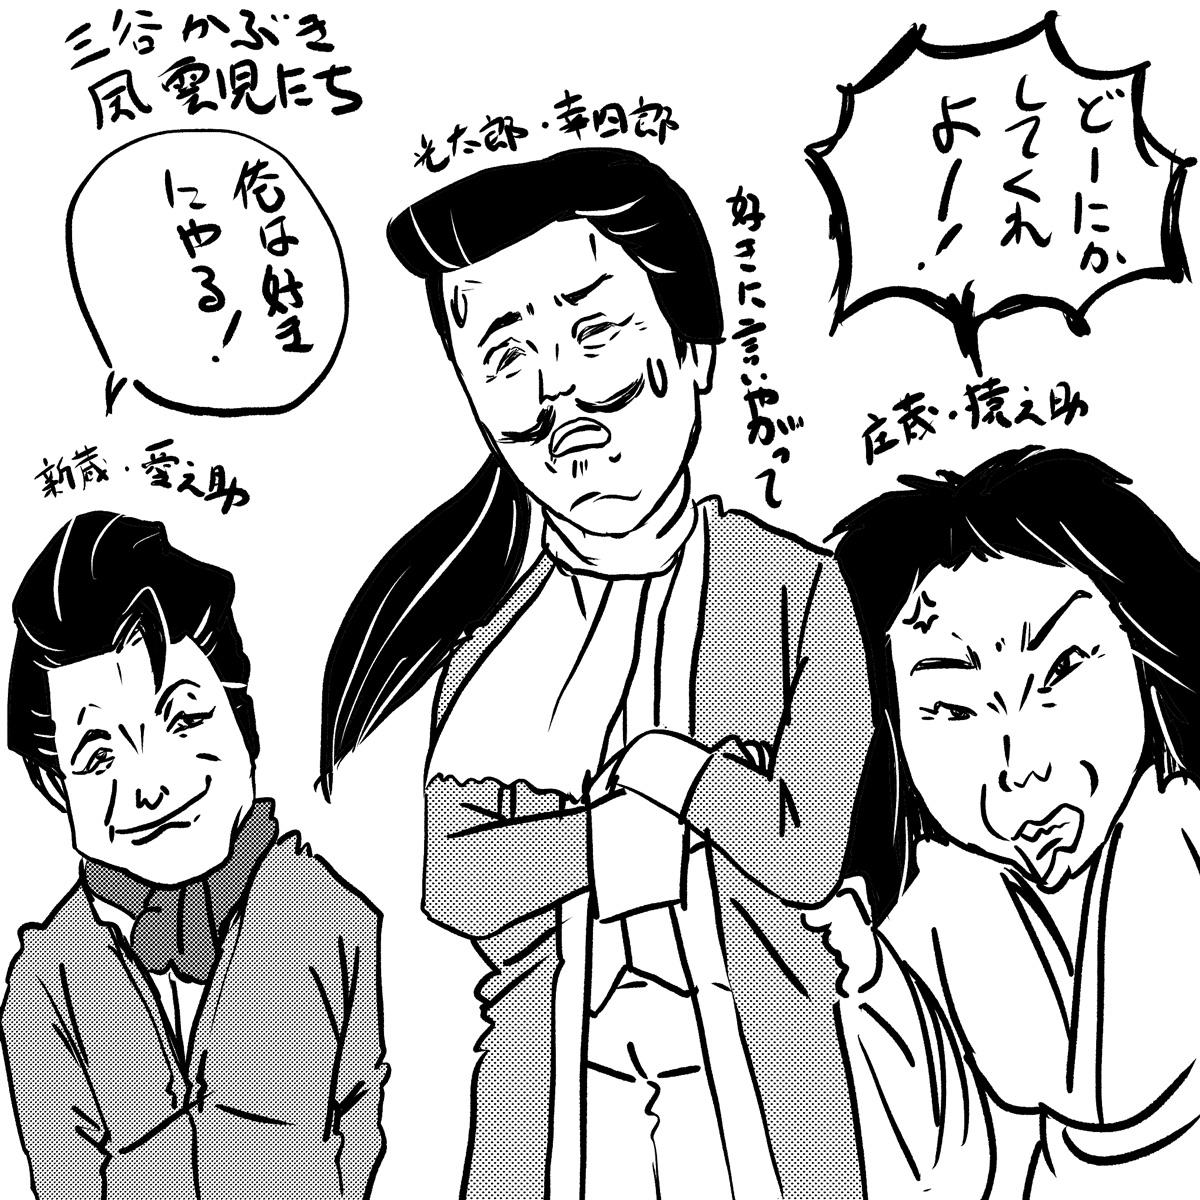 白鸚、幸四郎、染五郎、三代揃い踏み!そのほかにも猿之助、愛之助と豪華な出演陣!歌舞伎座にて三谷かぶき「風雲児たち」を観てきた(歌舞伎・感想)